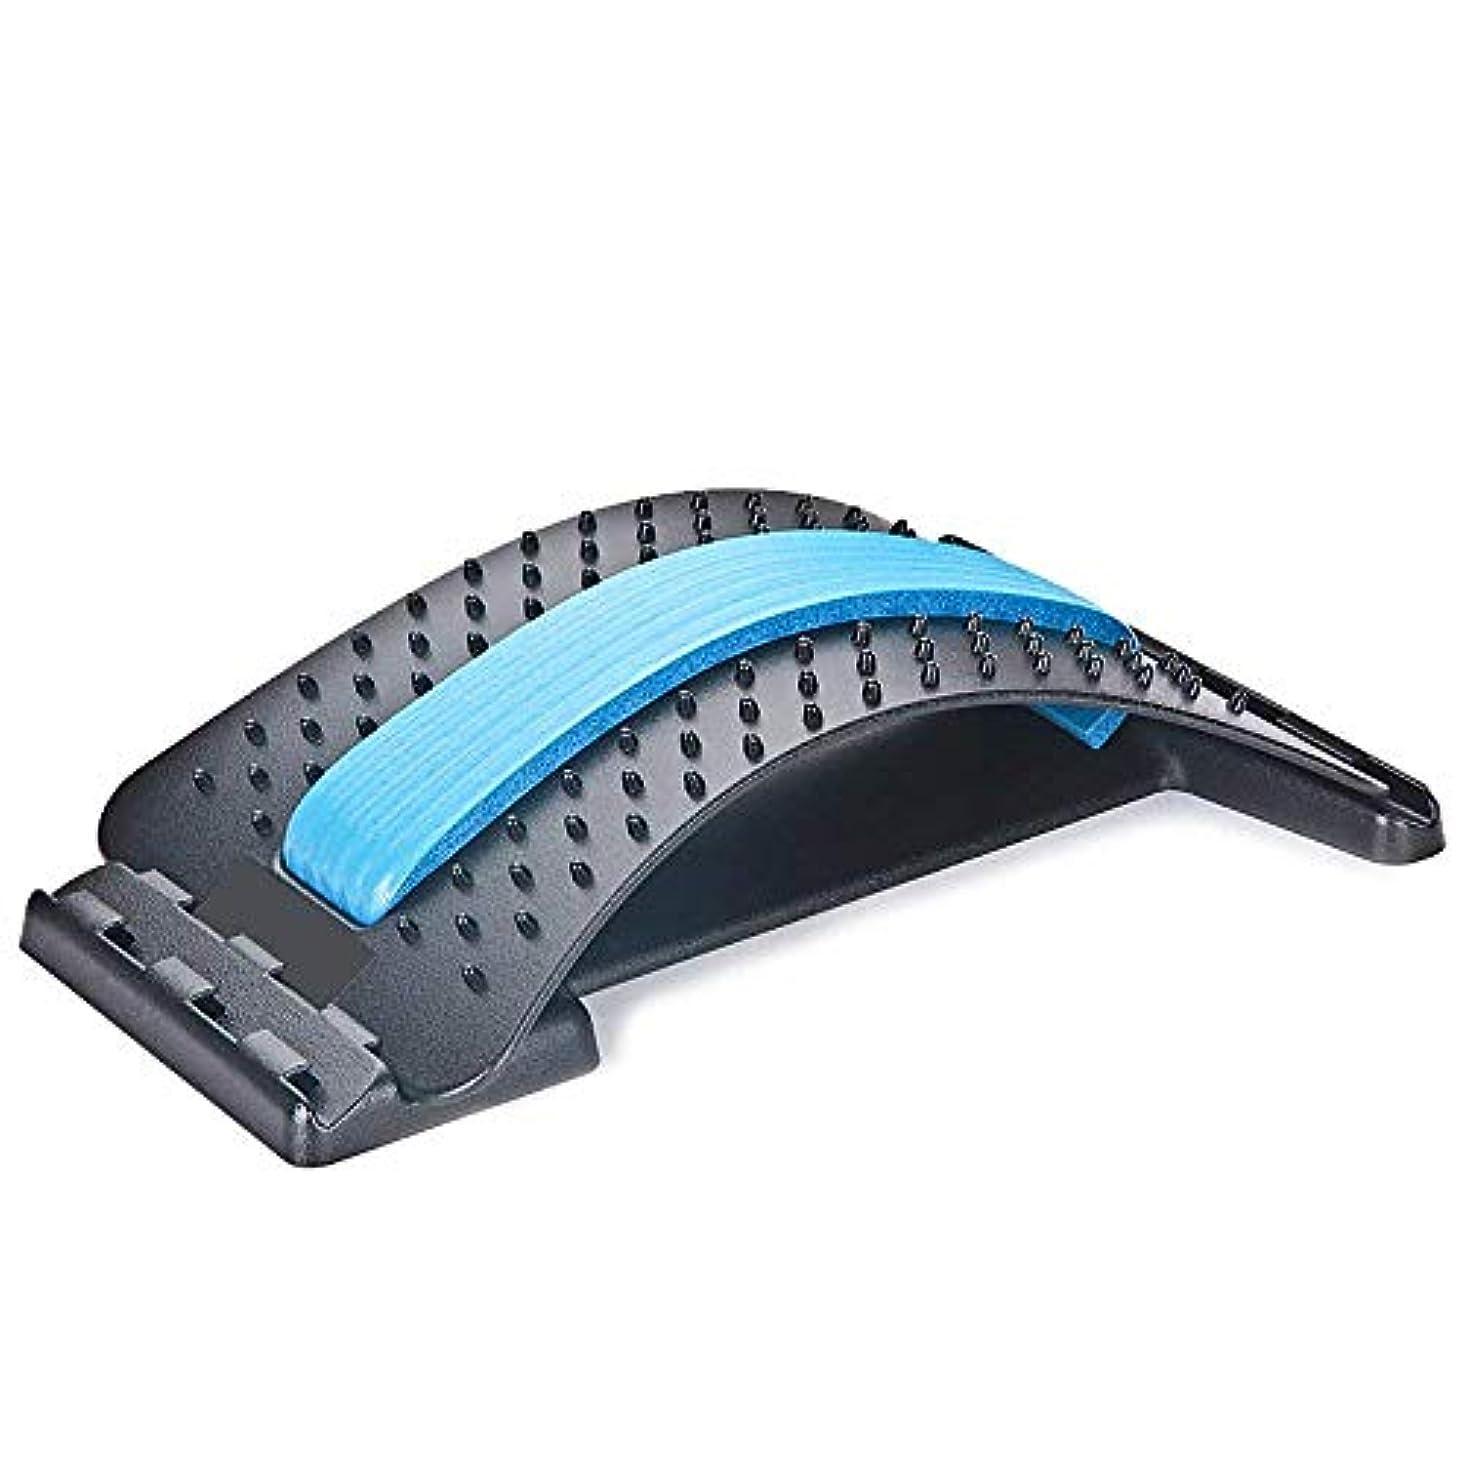 昼間店員交響曲マジックバックストレッチャーランバーストレッチングサポートデバイス姿勢矯正器用上下腰痛緩和、バックサポート用オフィスチェアと筋肉の緊張